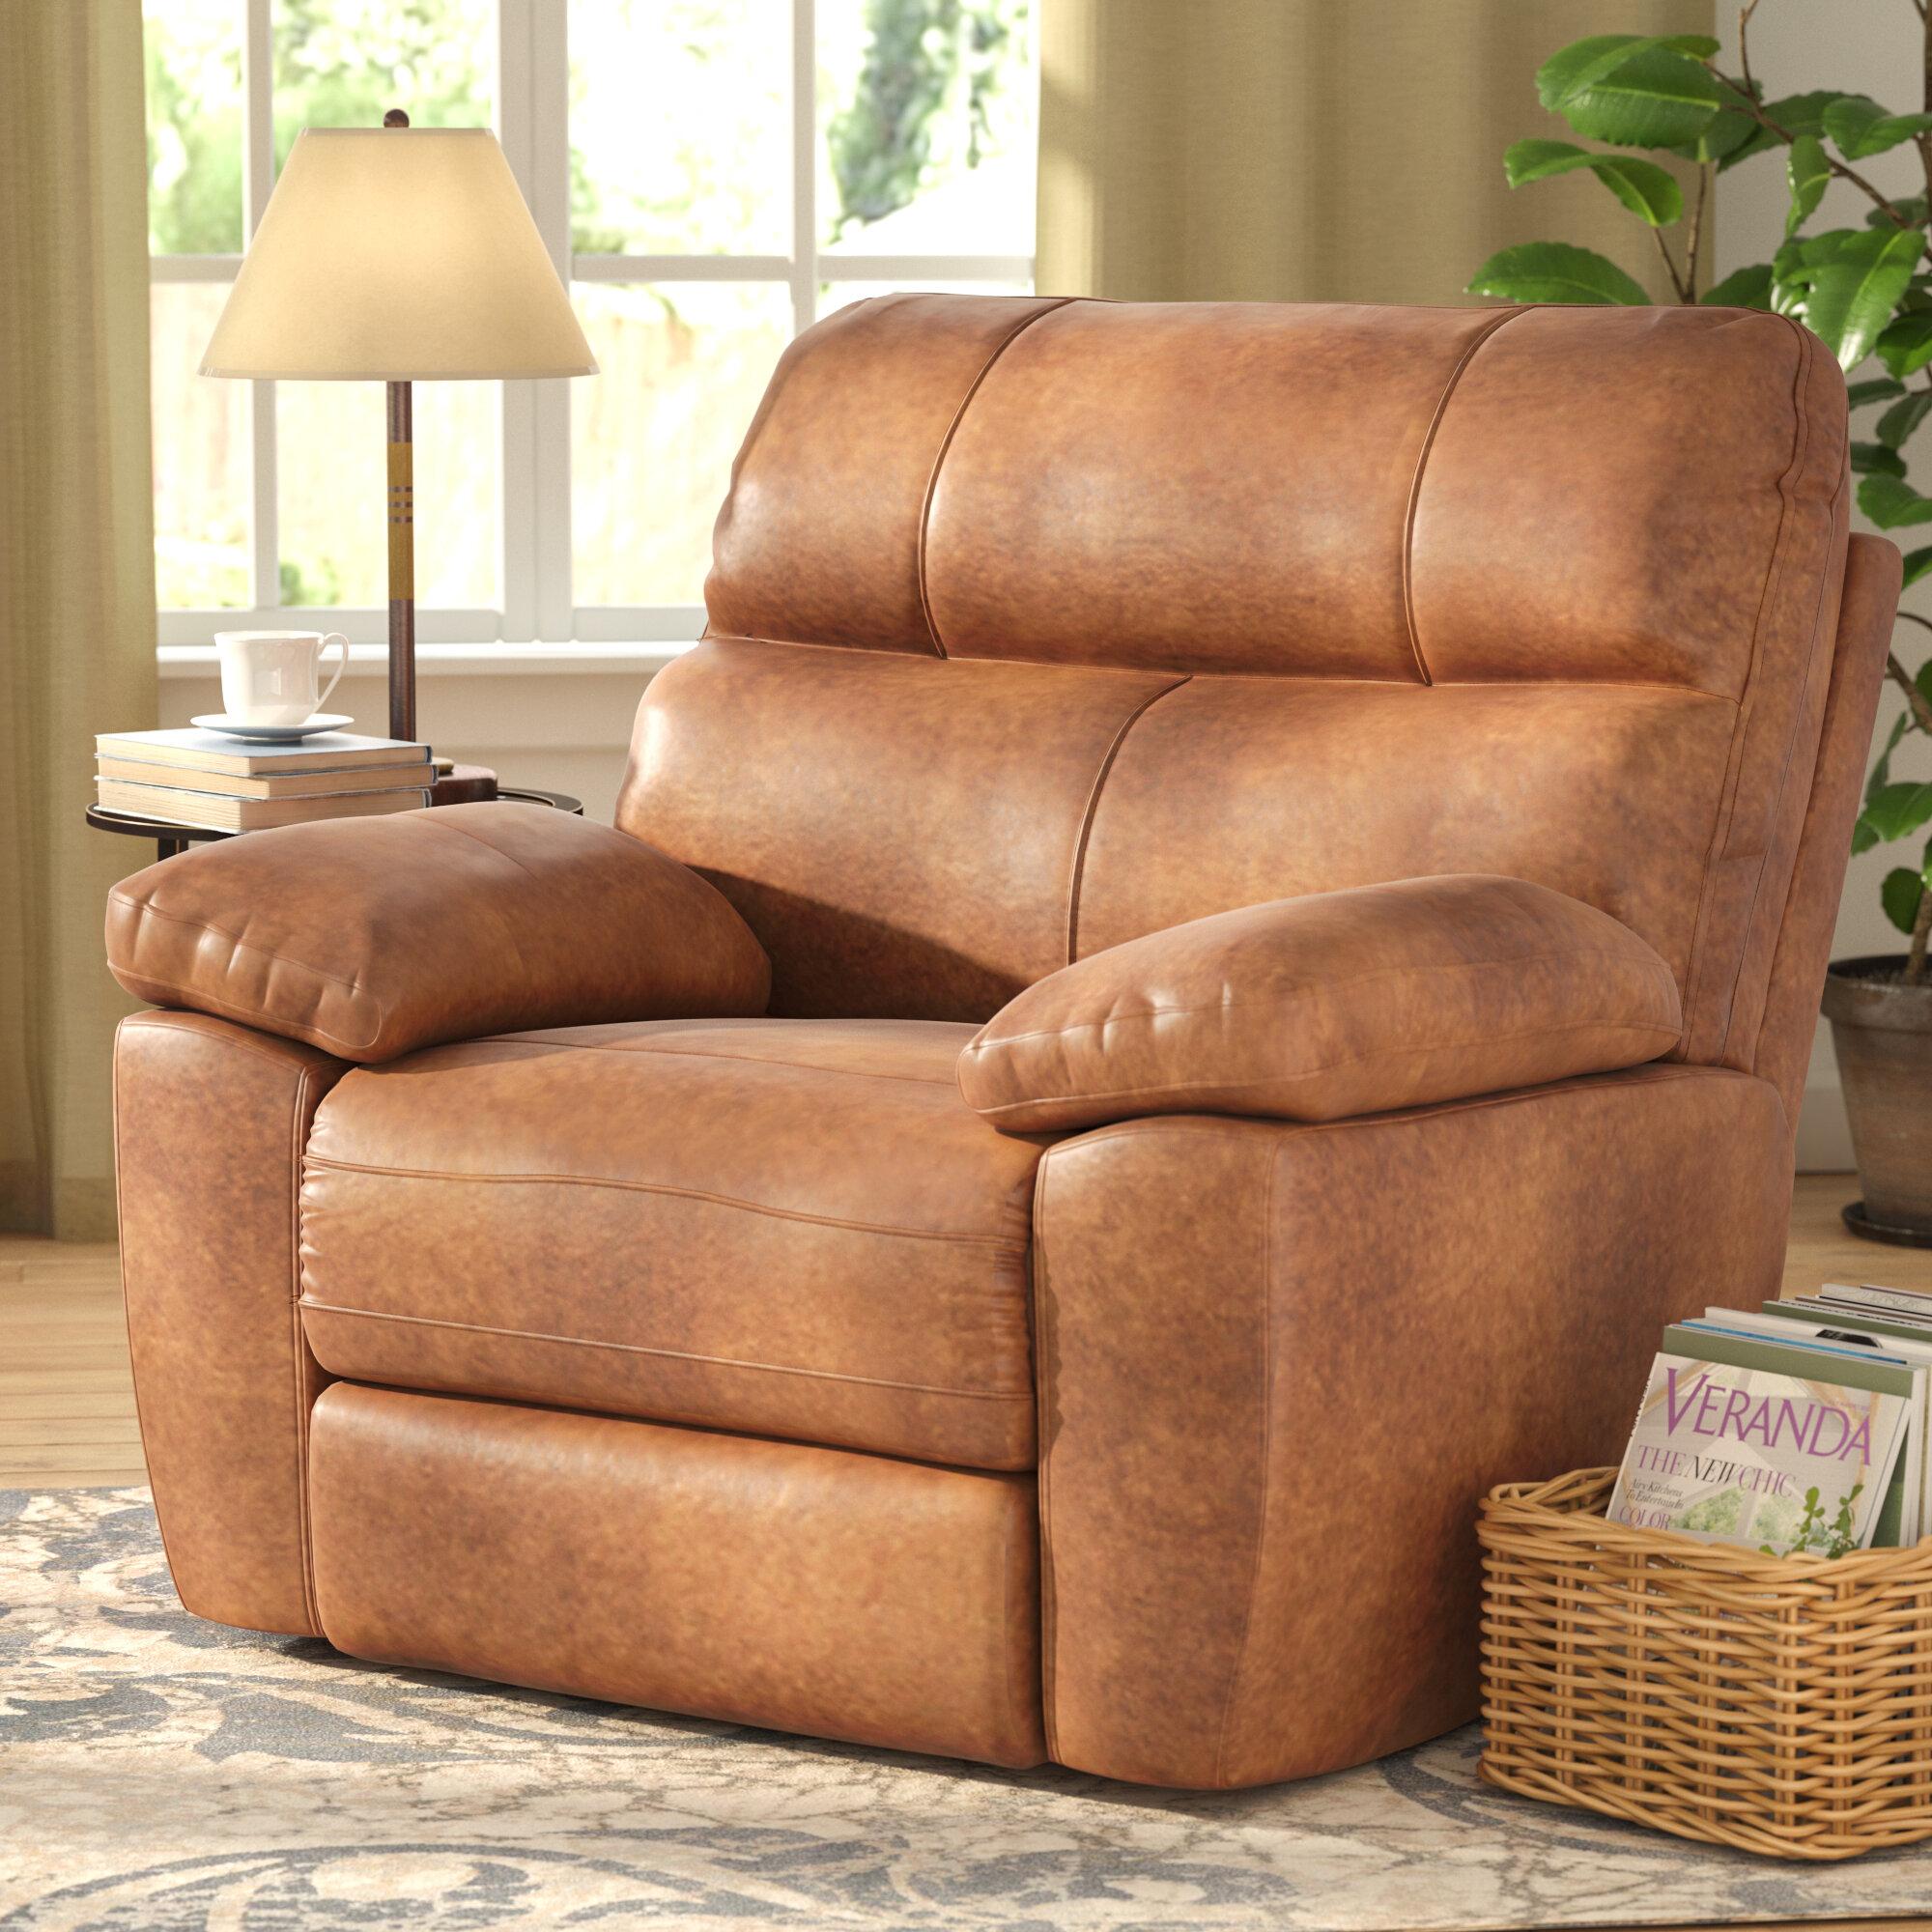 Enjoyable Bondville Manual Rocker Recliner Short Links Chair Design For Home Short Linksinfo